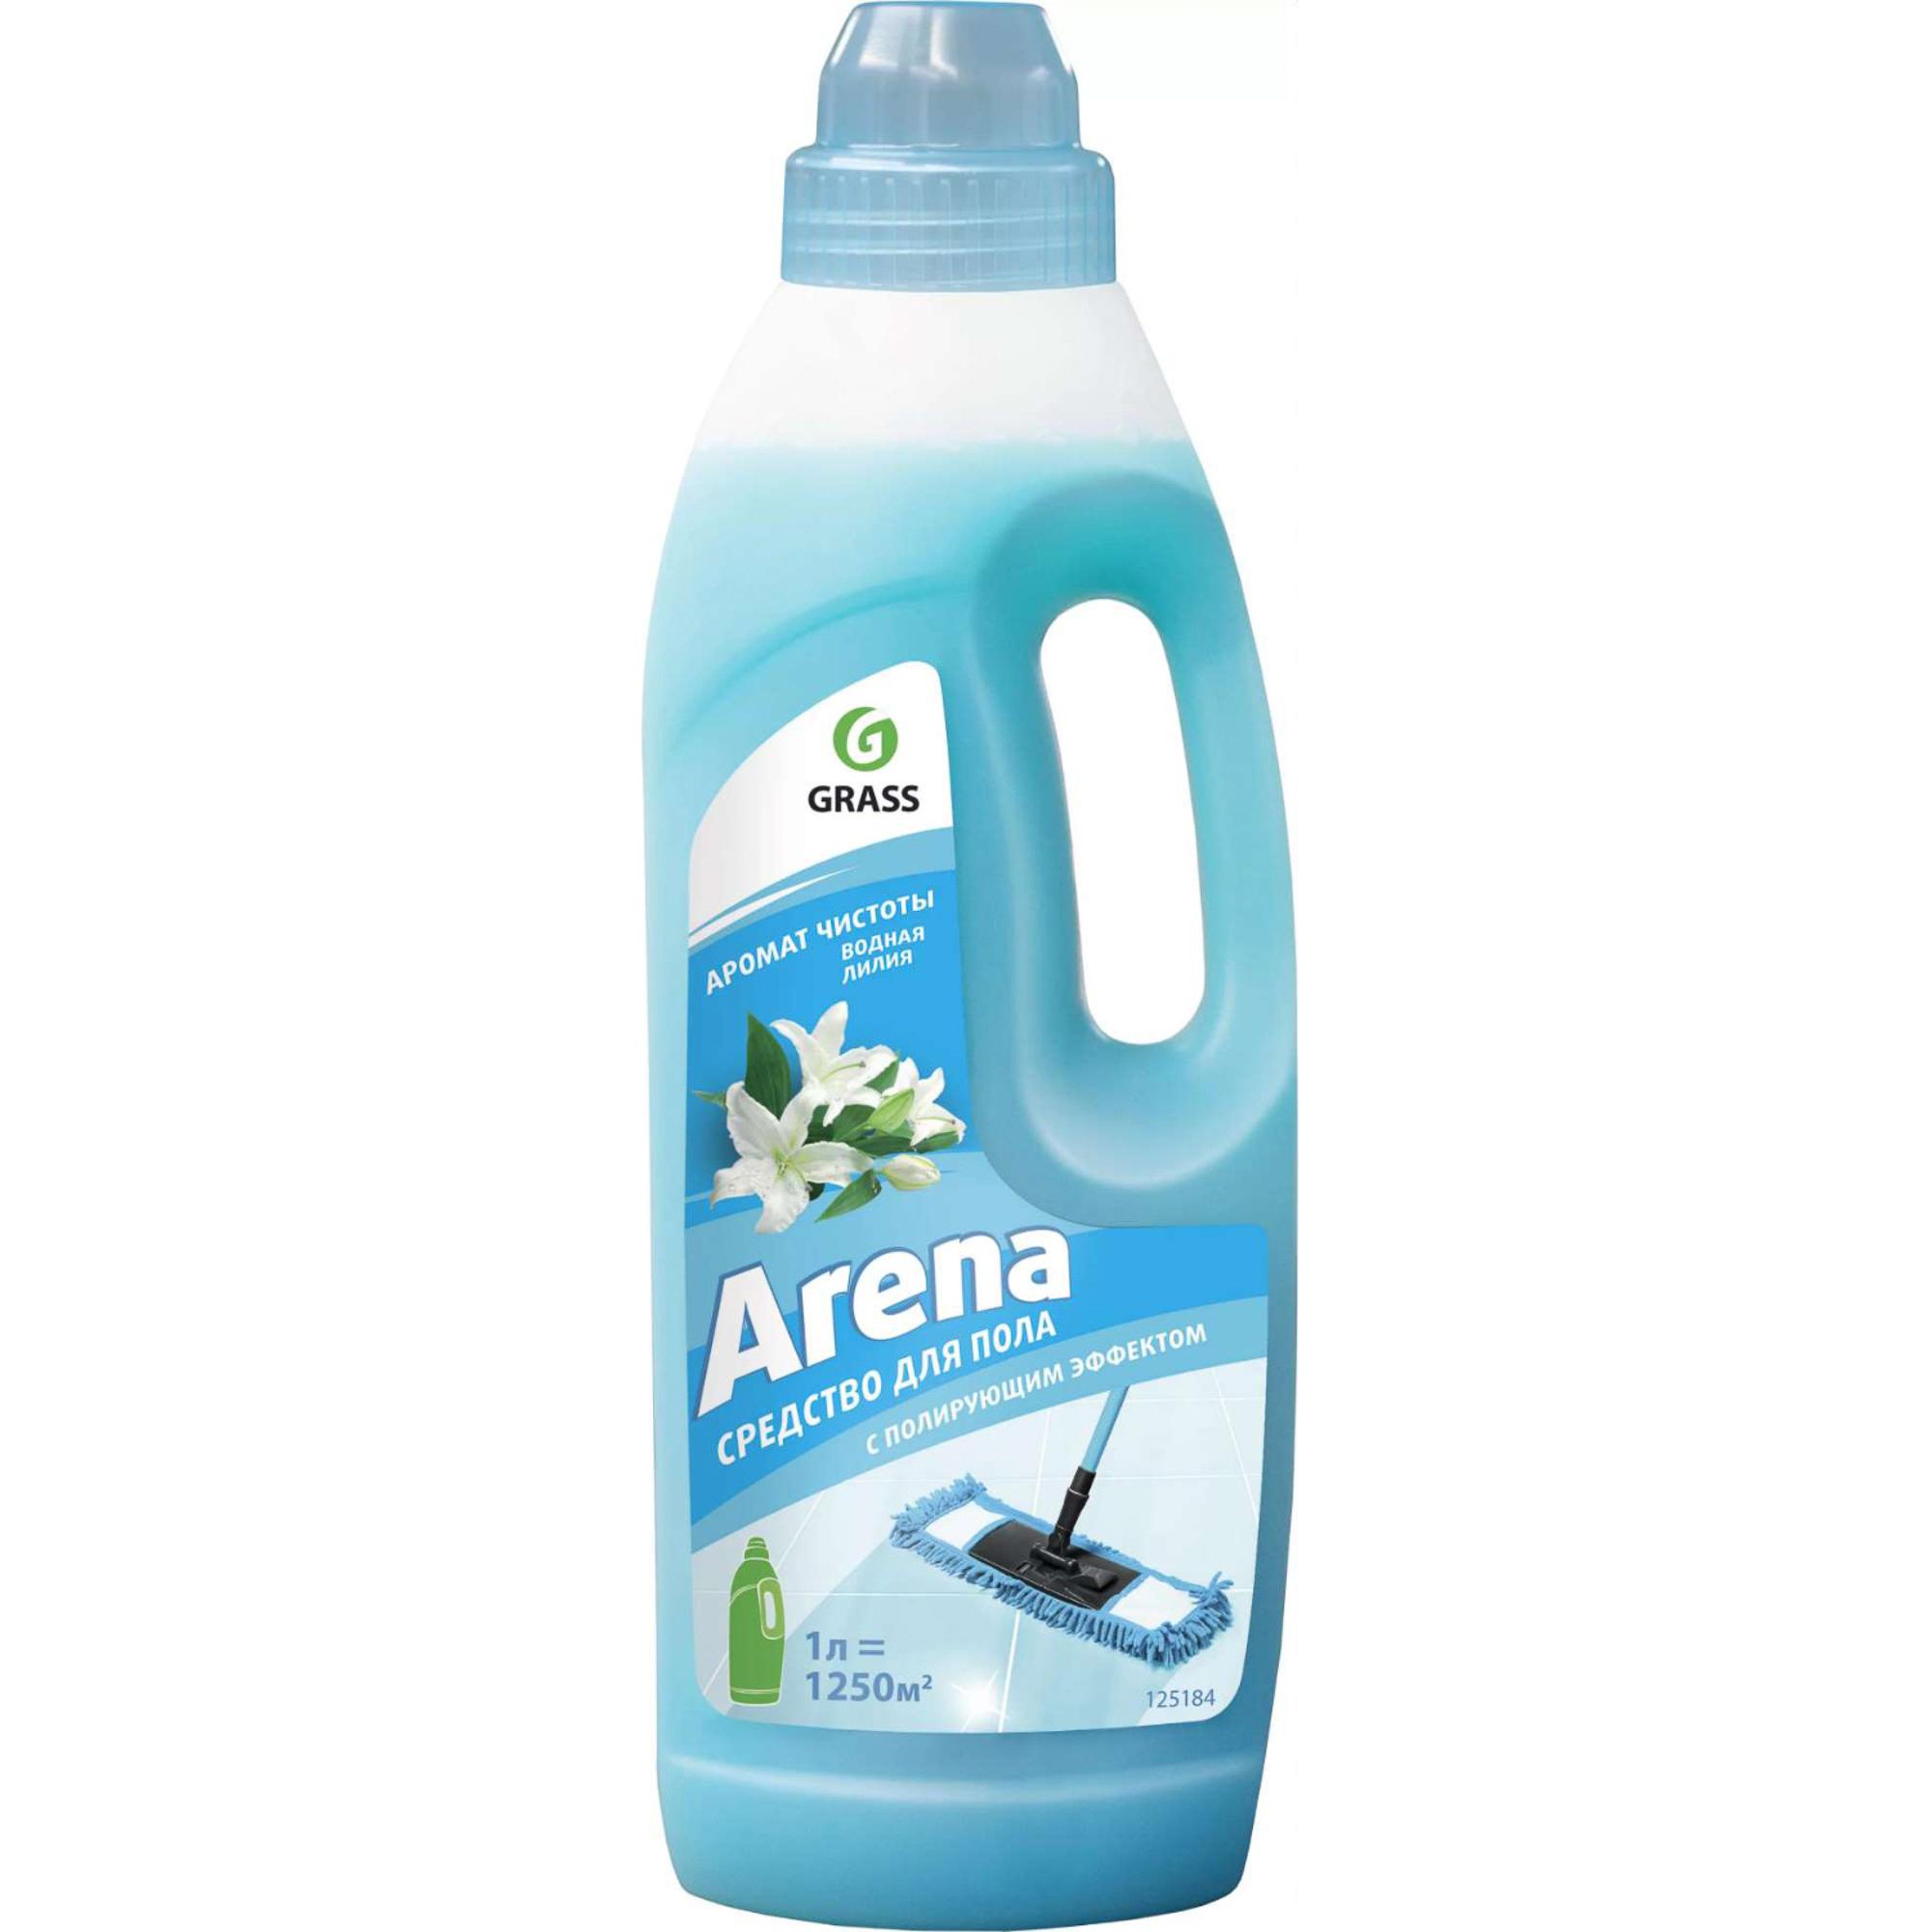 Средство для мытья полов Grass Arena Водяная лилия 1 л фото